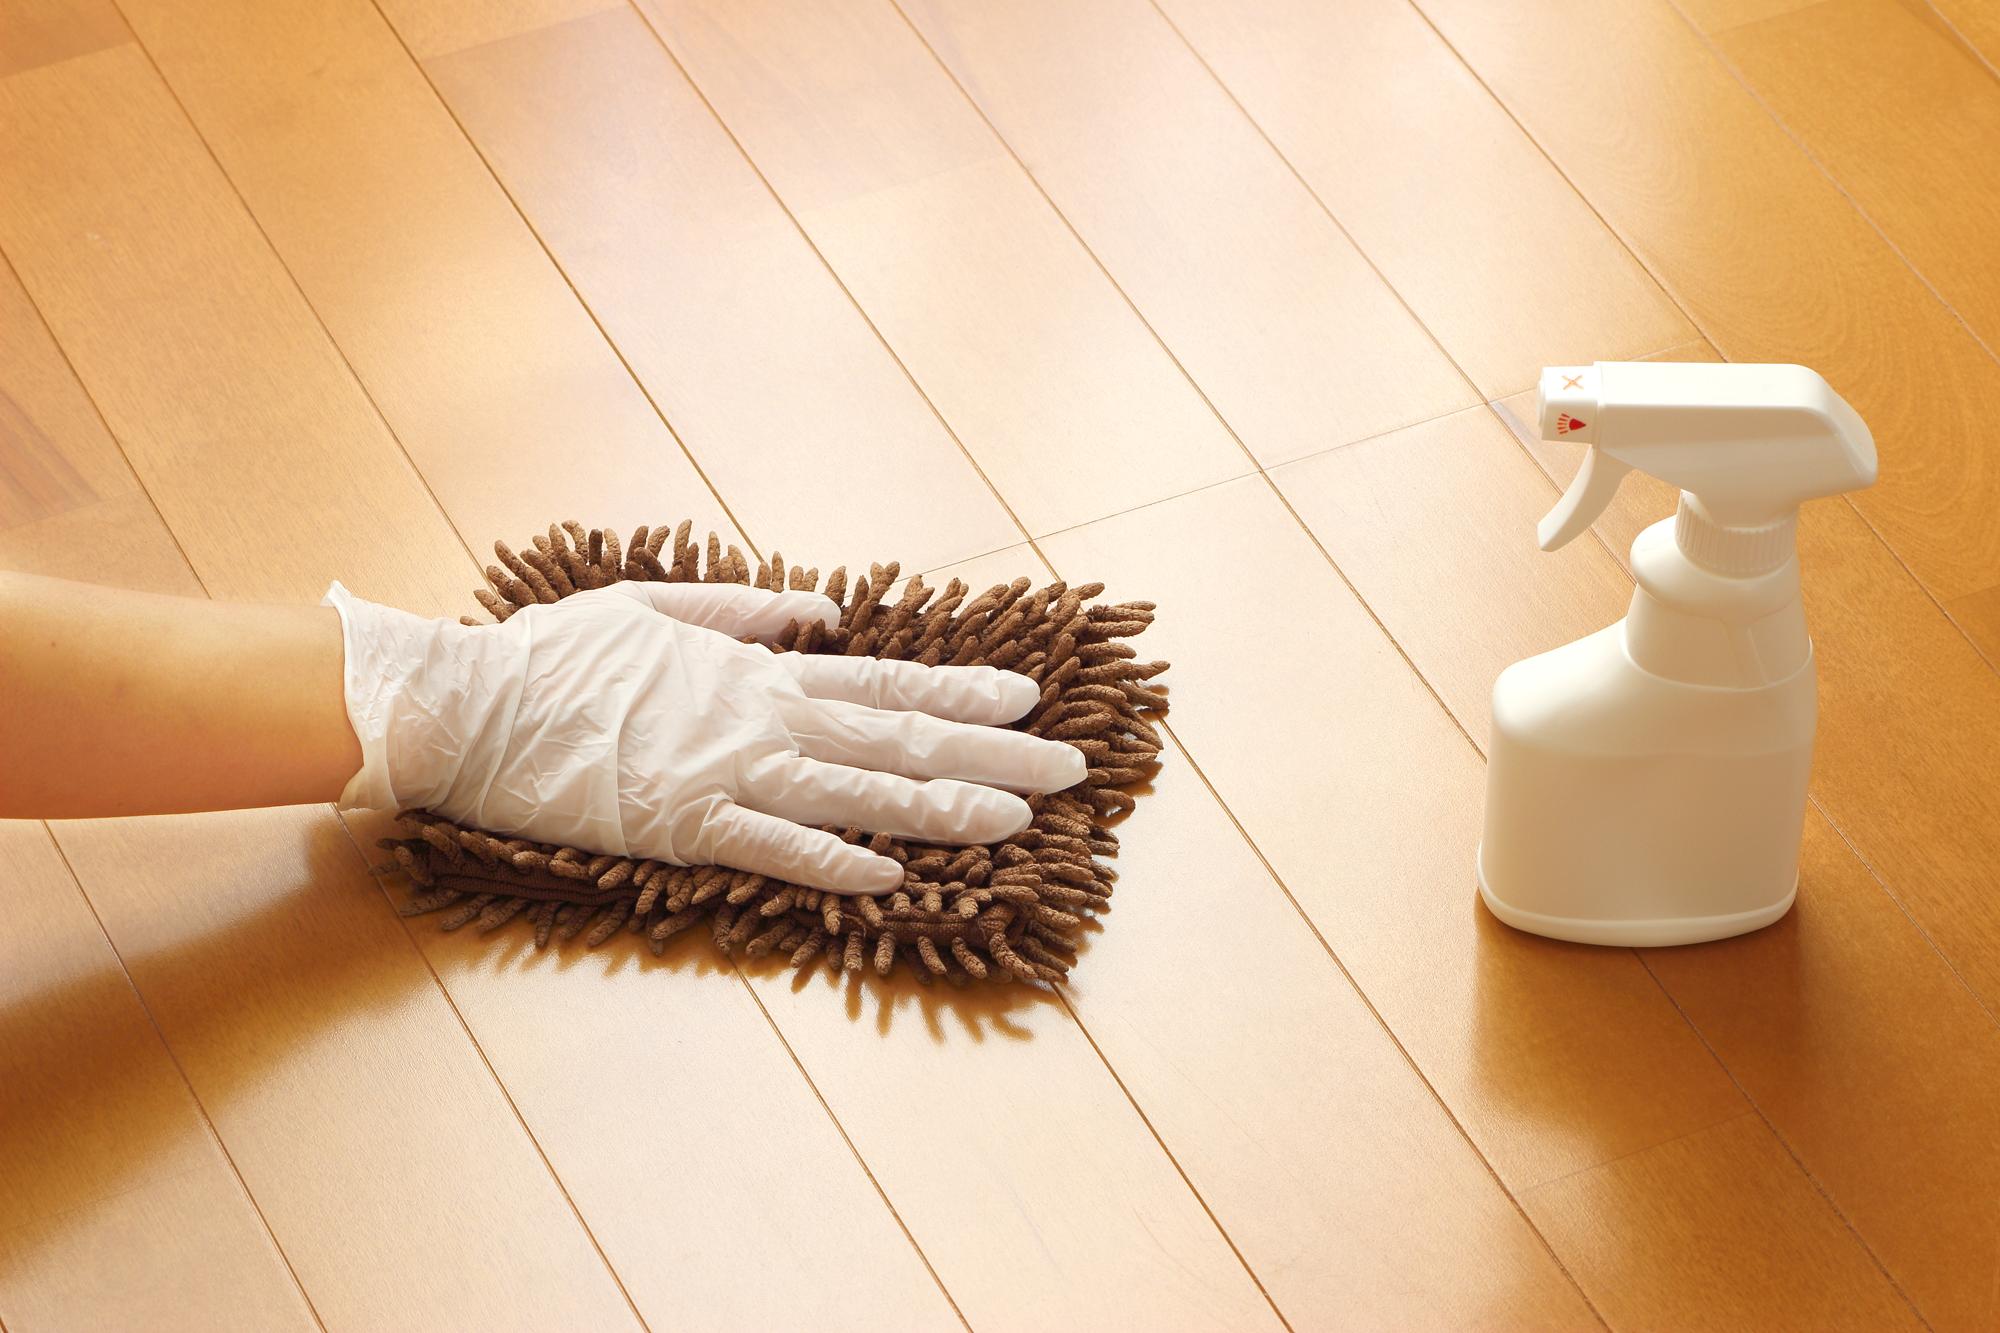 床を拭いている様子